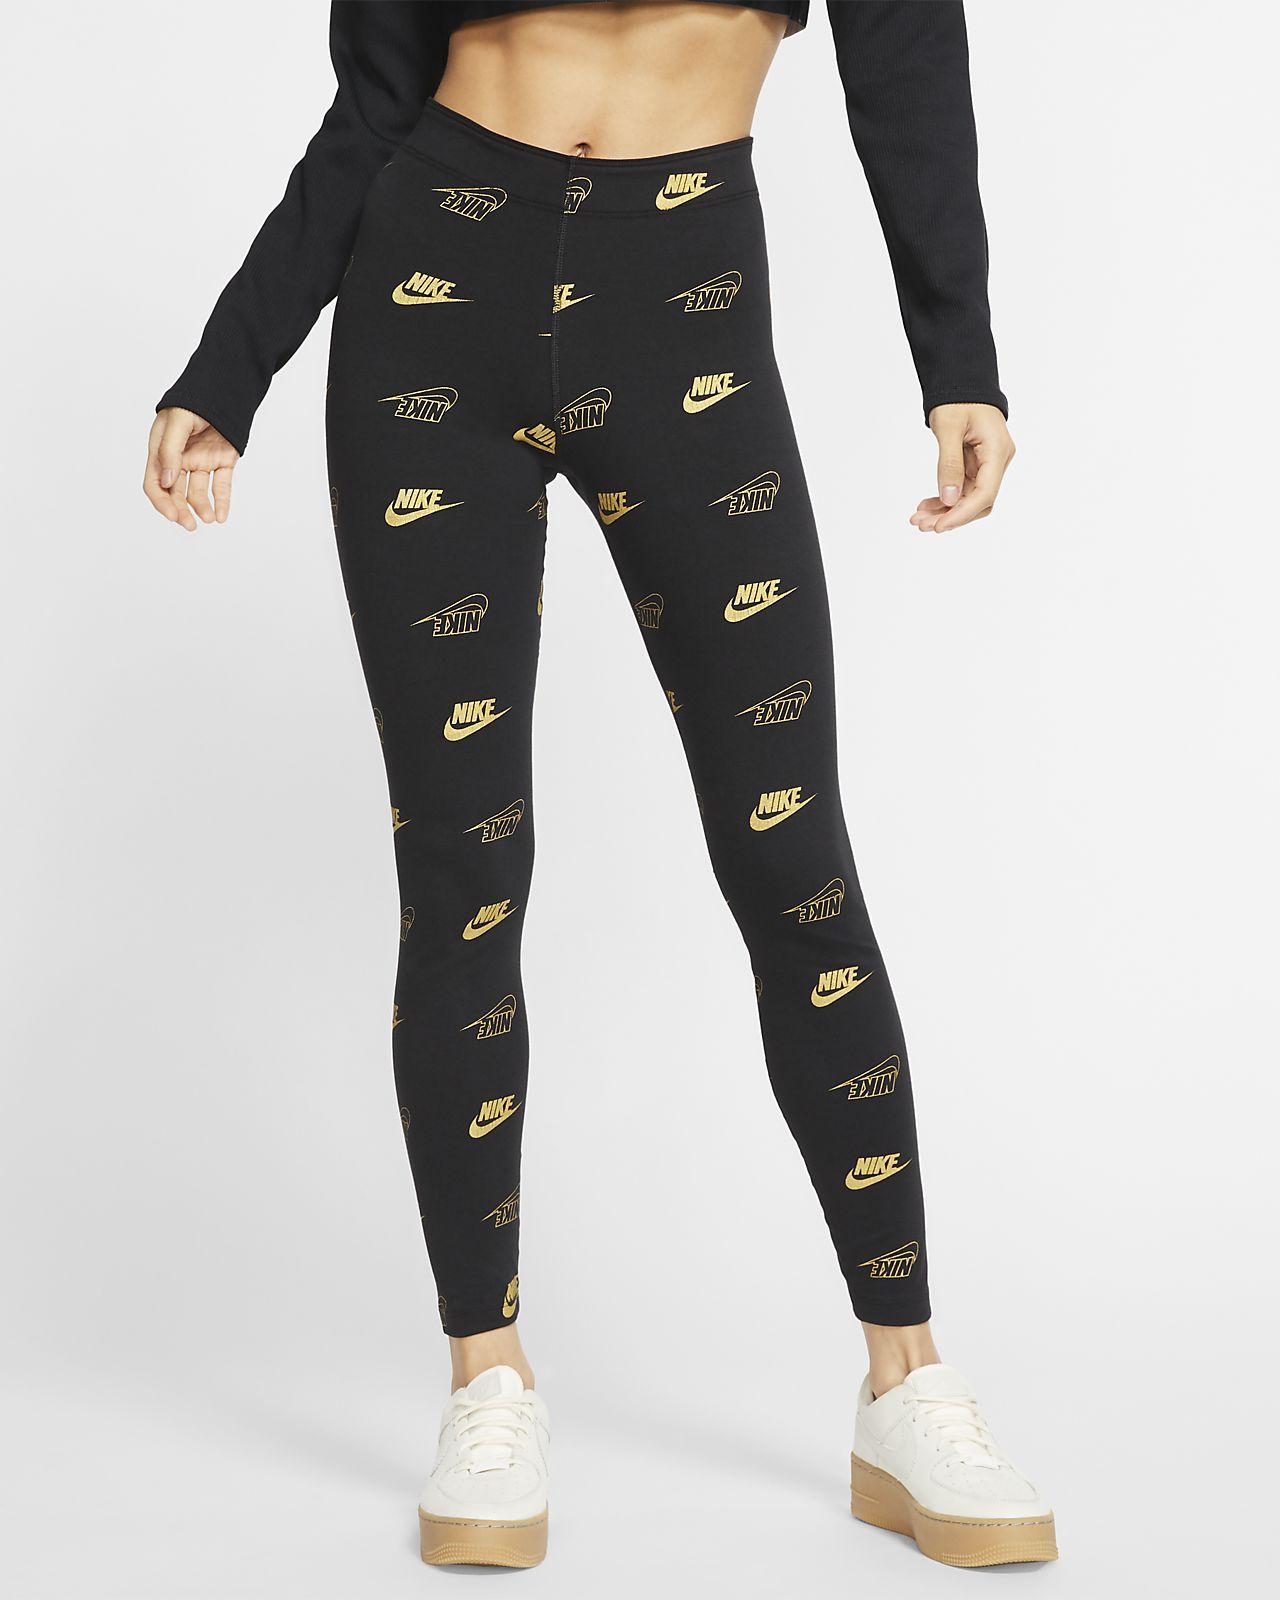 Nike Sportswear Women's Printed Leggings